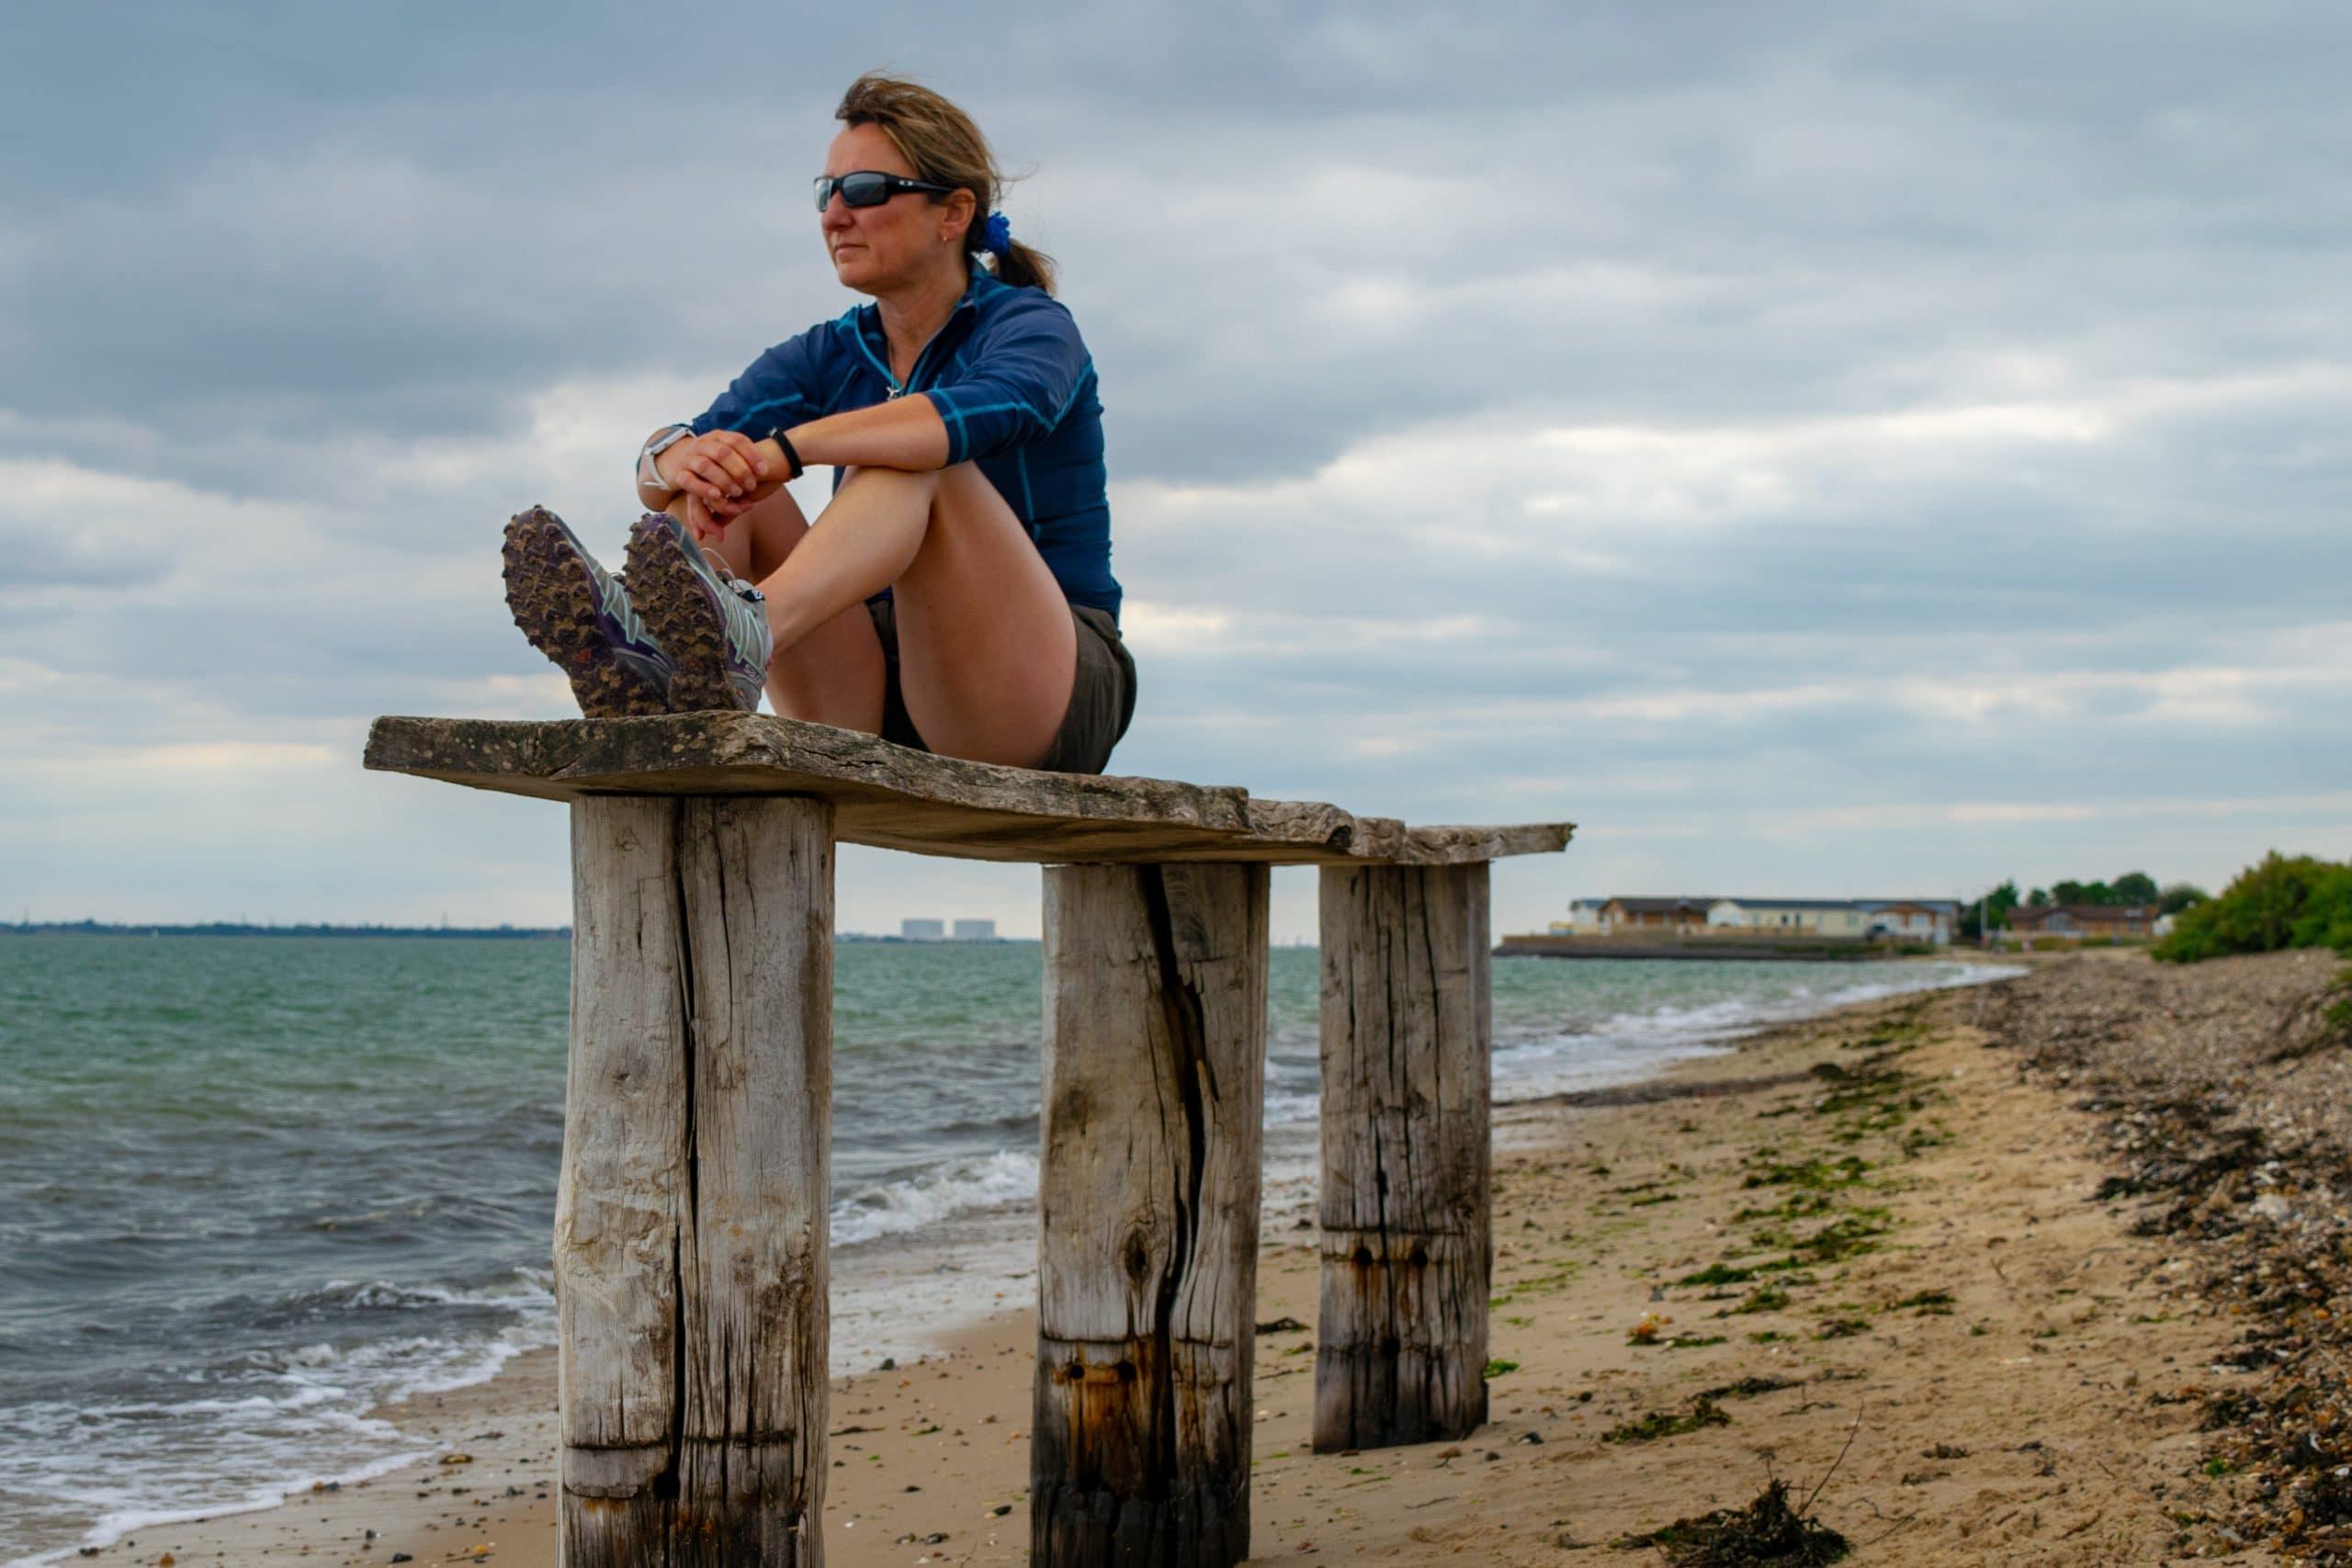 Lisa Drewe on island of Mersea Lisa Drewe